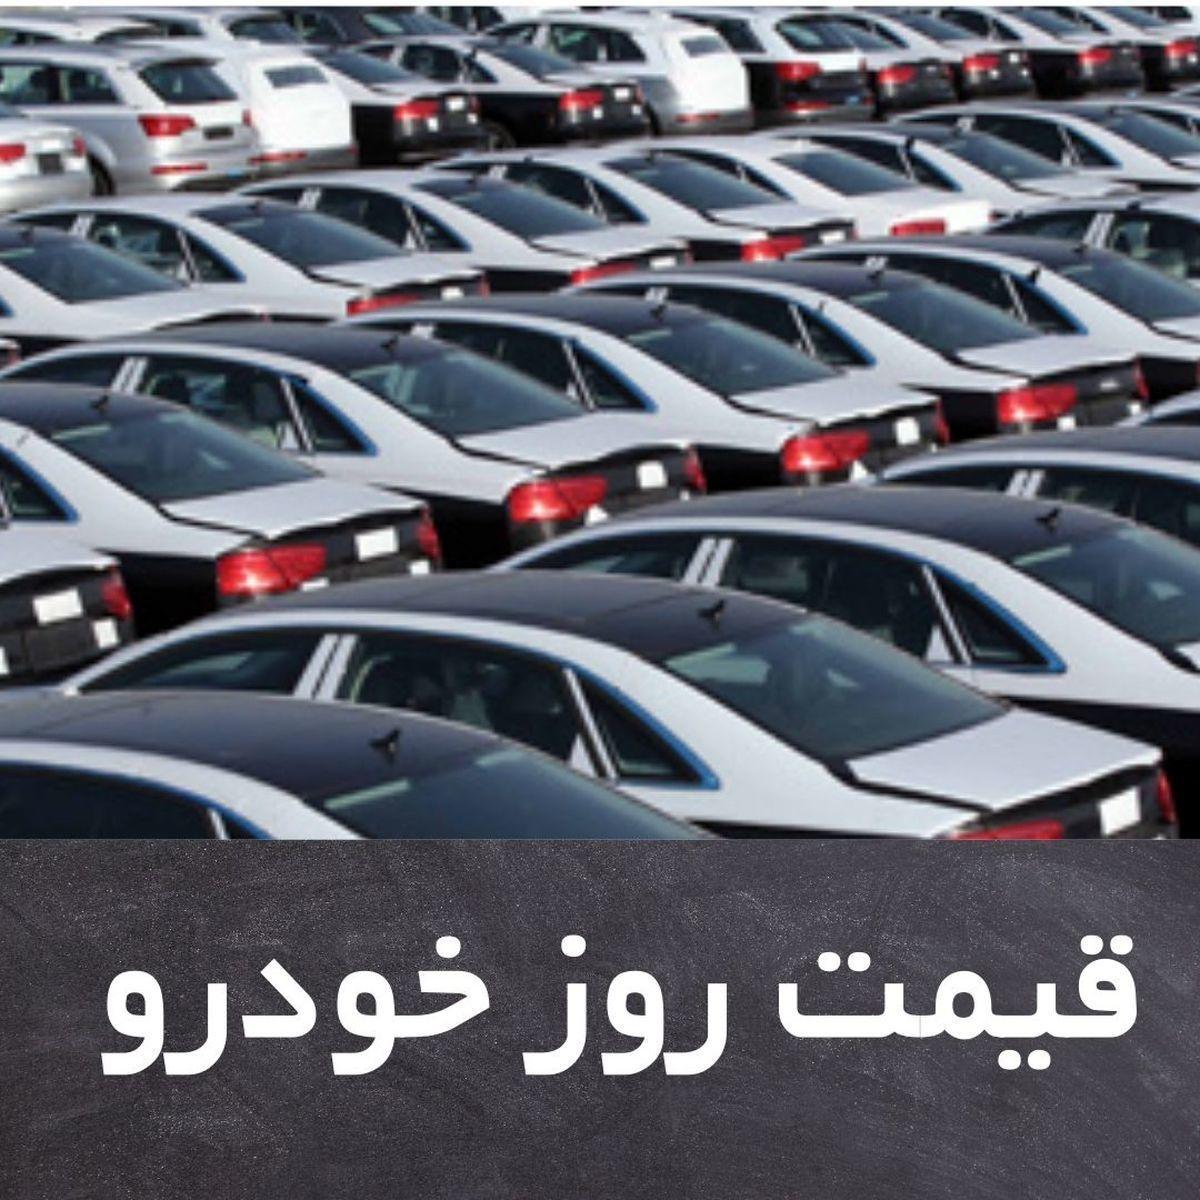 قیمت روز خودرو یکشنبه 12 اردیبهشت + جدول